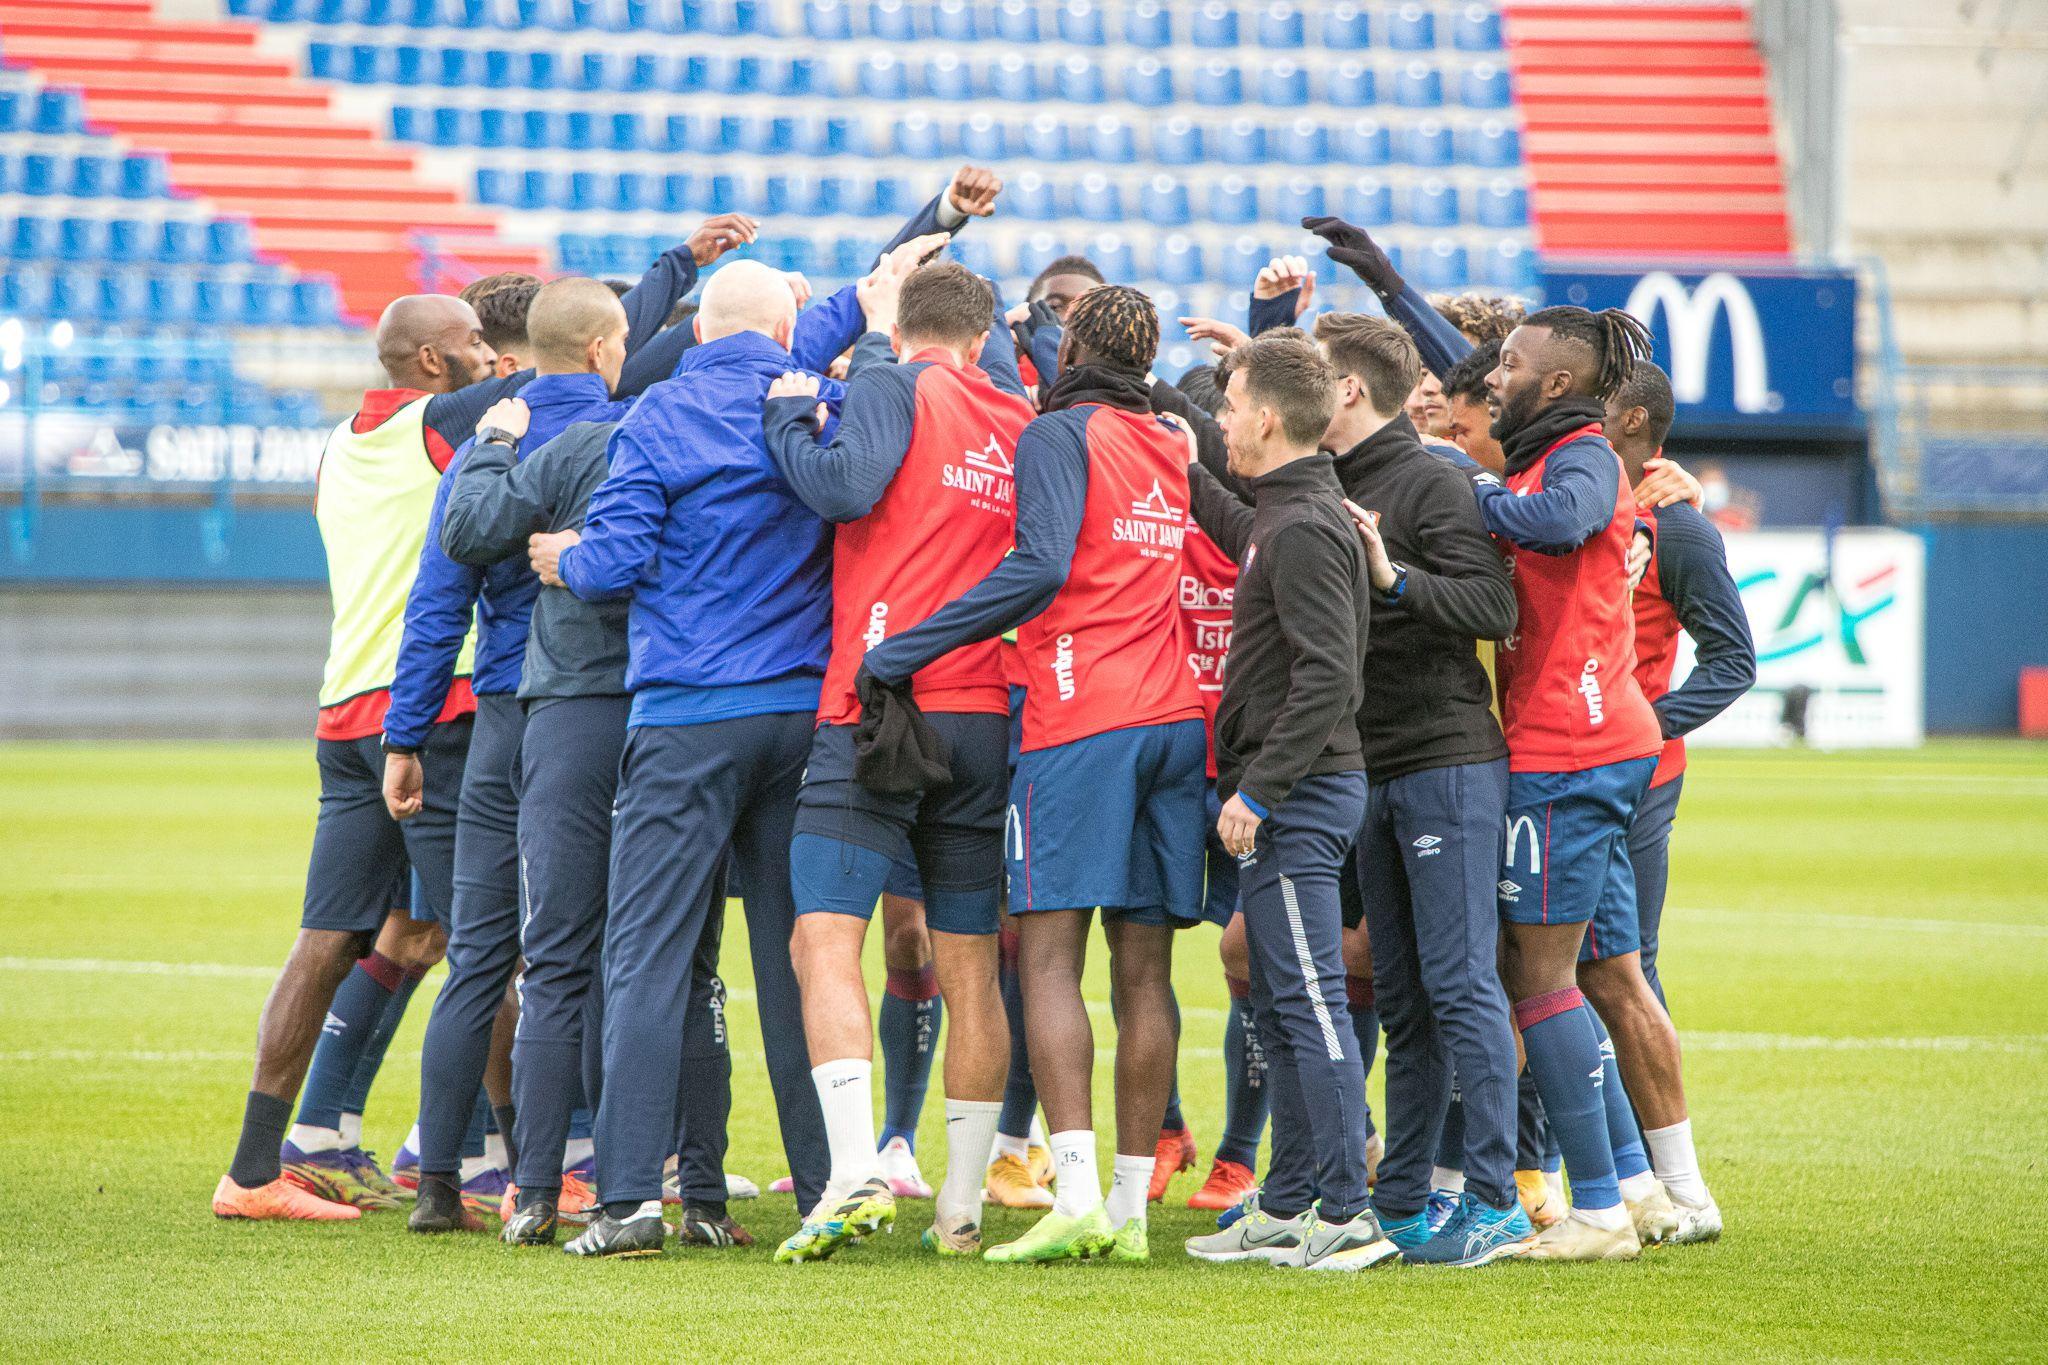 Après 17 matchs, où se situe Malherbe par rapport aux derniers promus en Ligue 1 ?